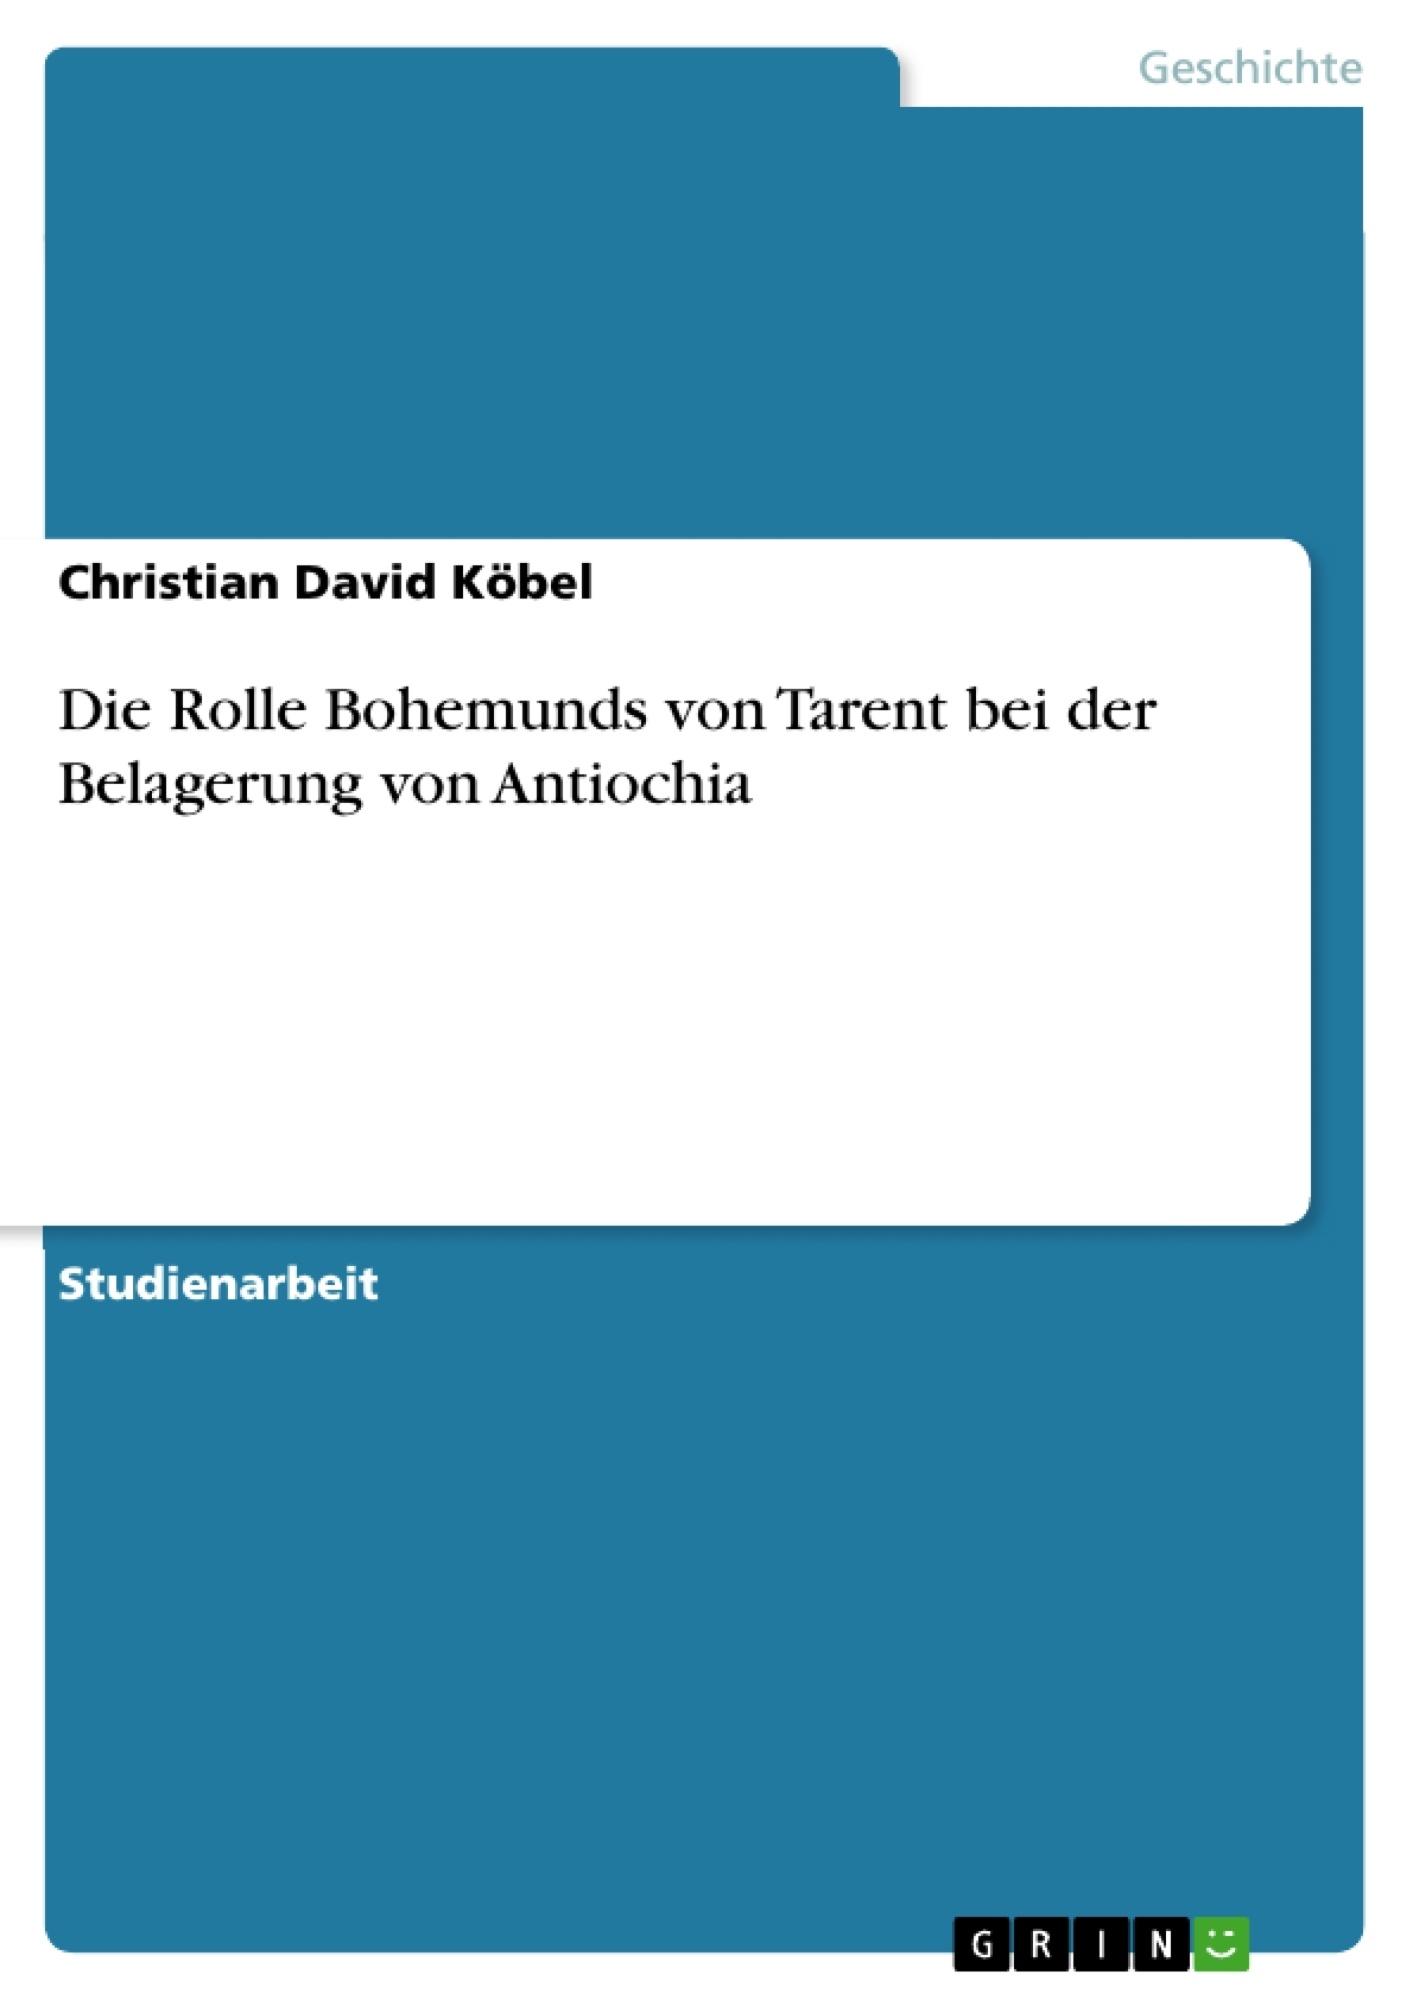 Titel: Die Rolle Bohemunds von Tarent bei der Belagerung von Antiochia